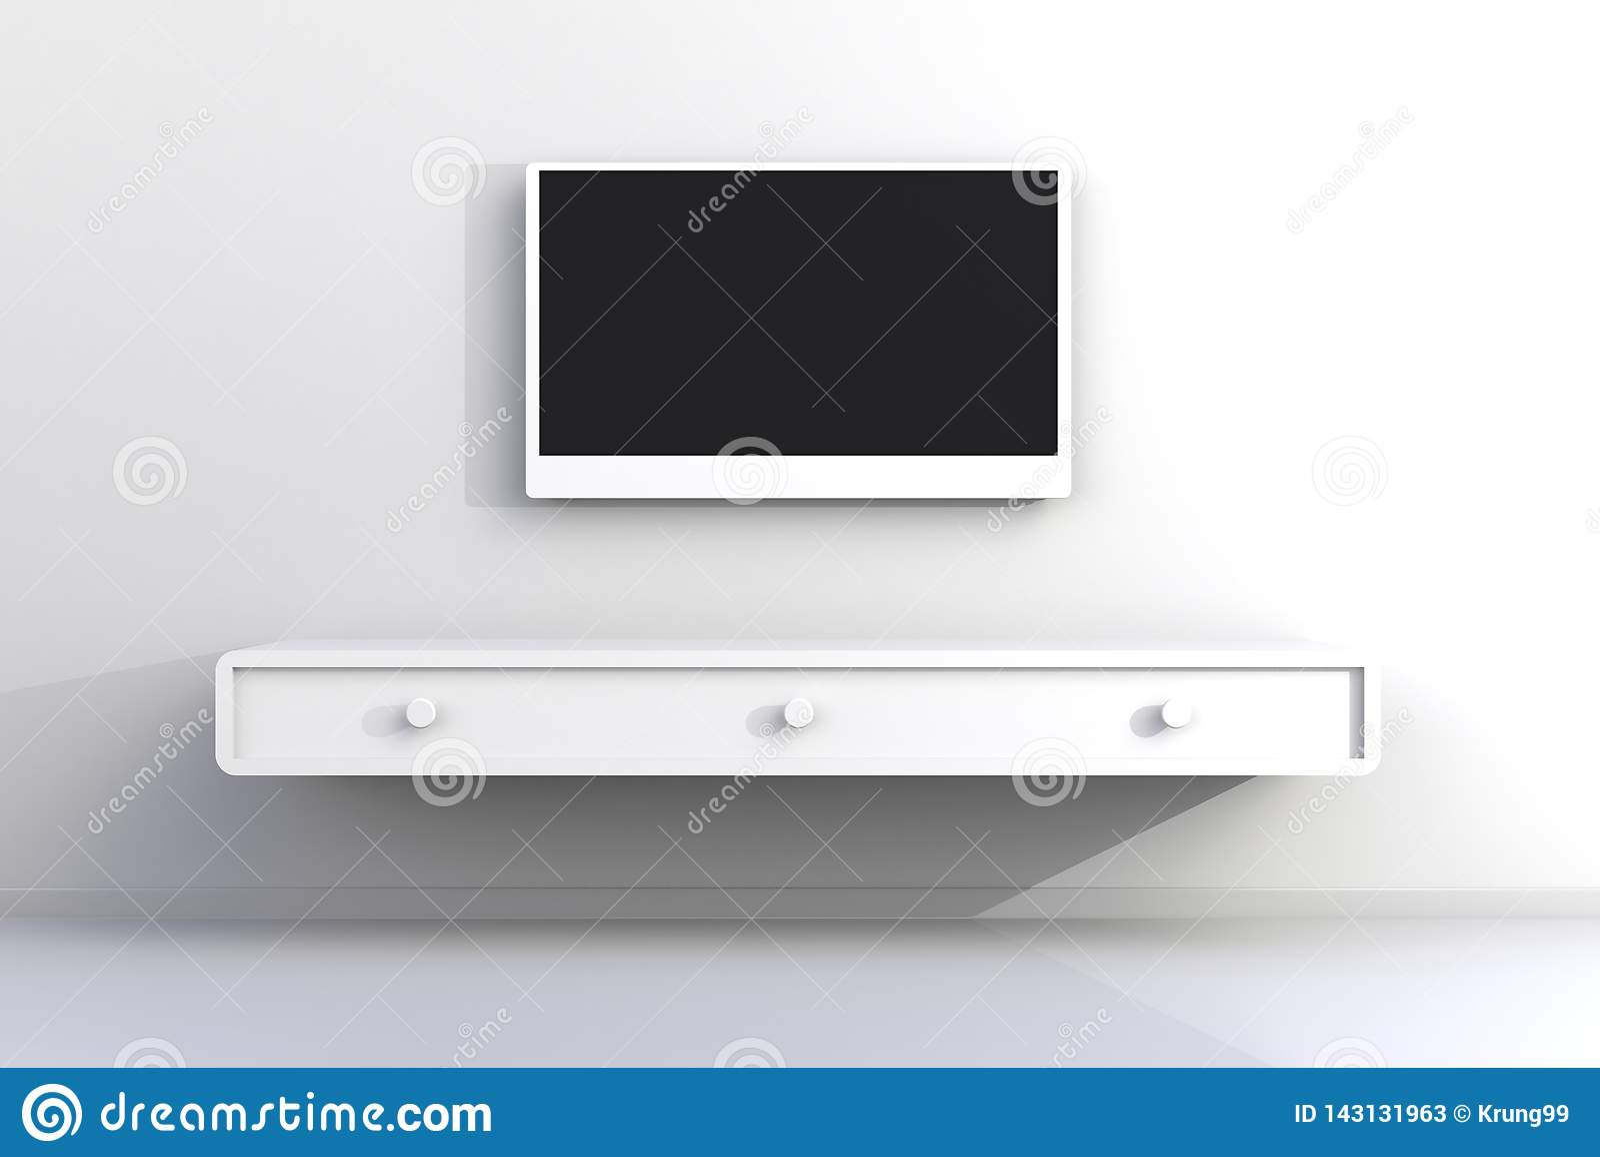 Innenraum des leeren Raumes mit Fernsehen, Wohnzimmer führte Fernsehen auf weißer Wand mit moderner Dachbodenart des Holztischs